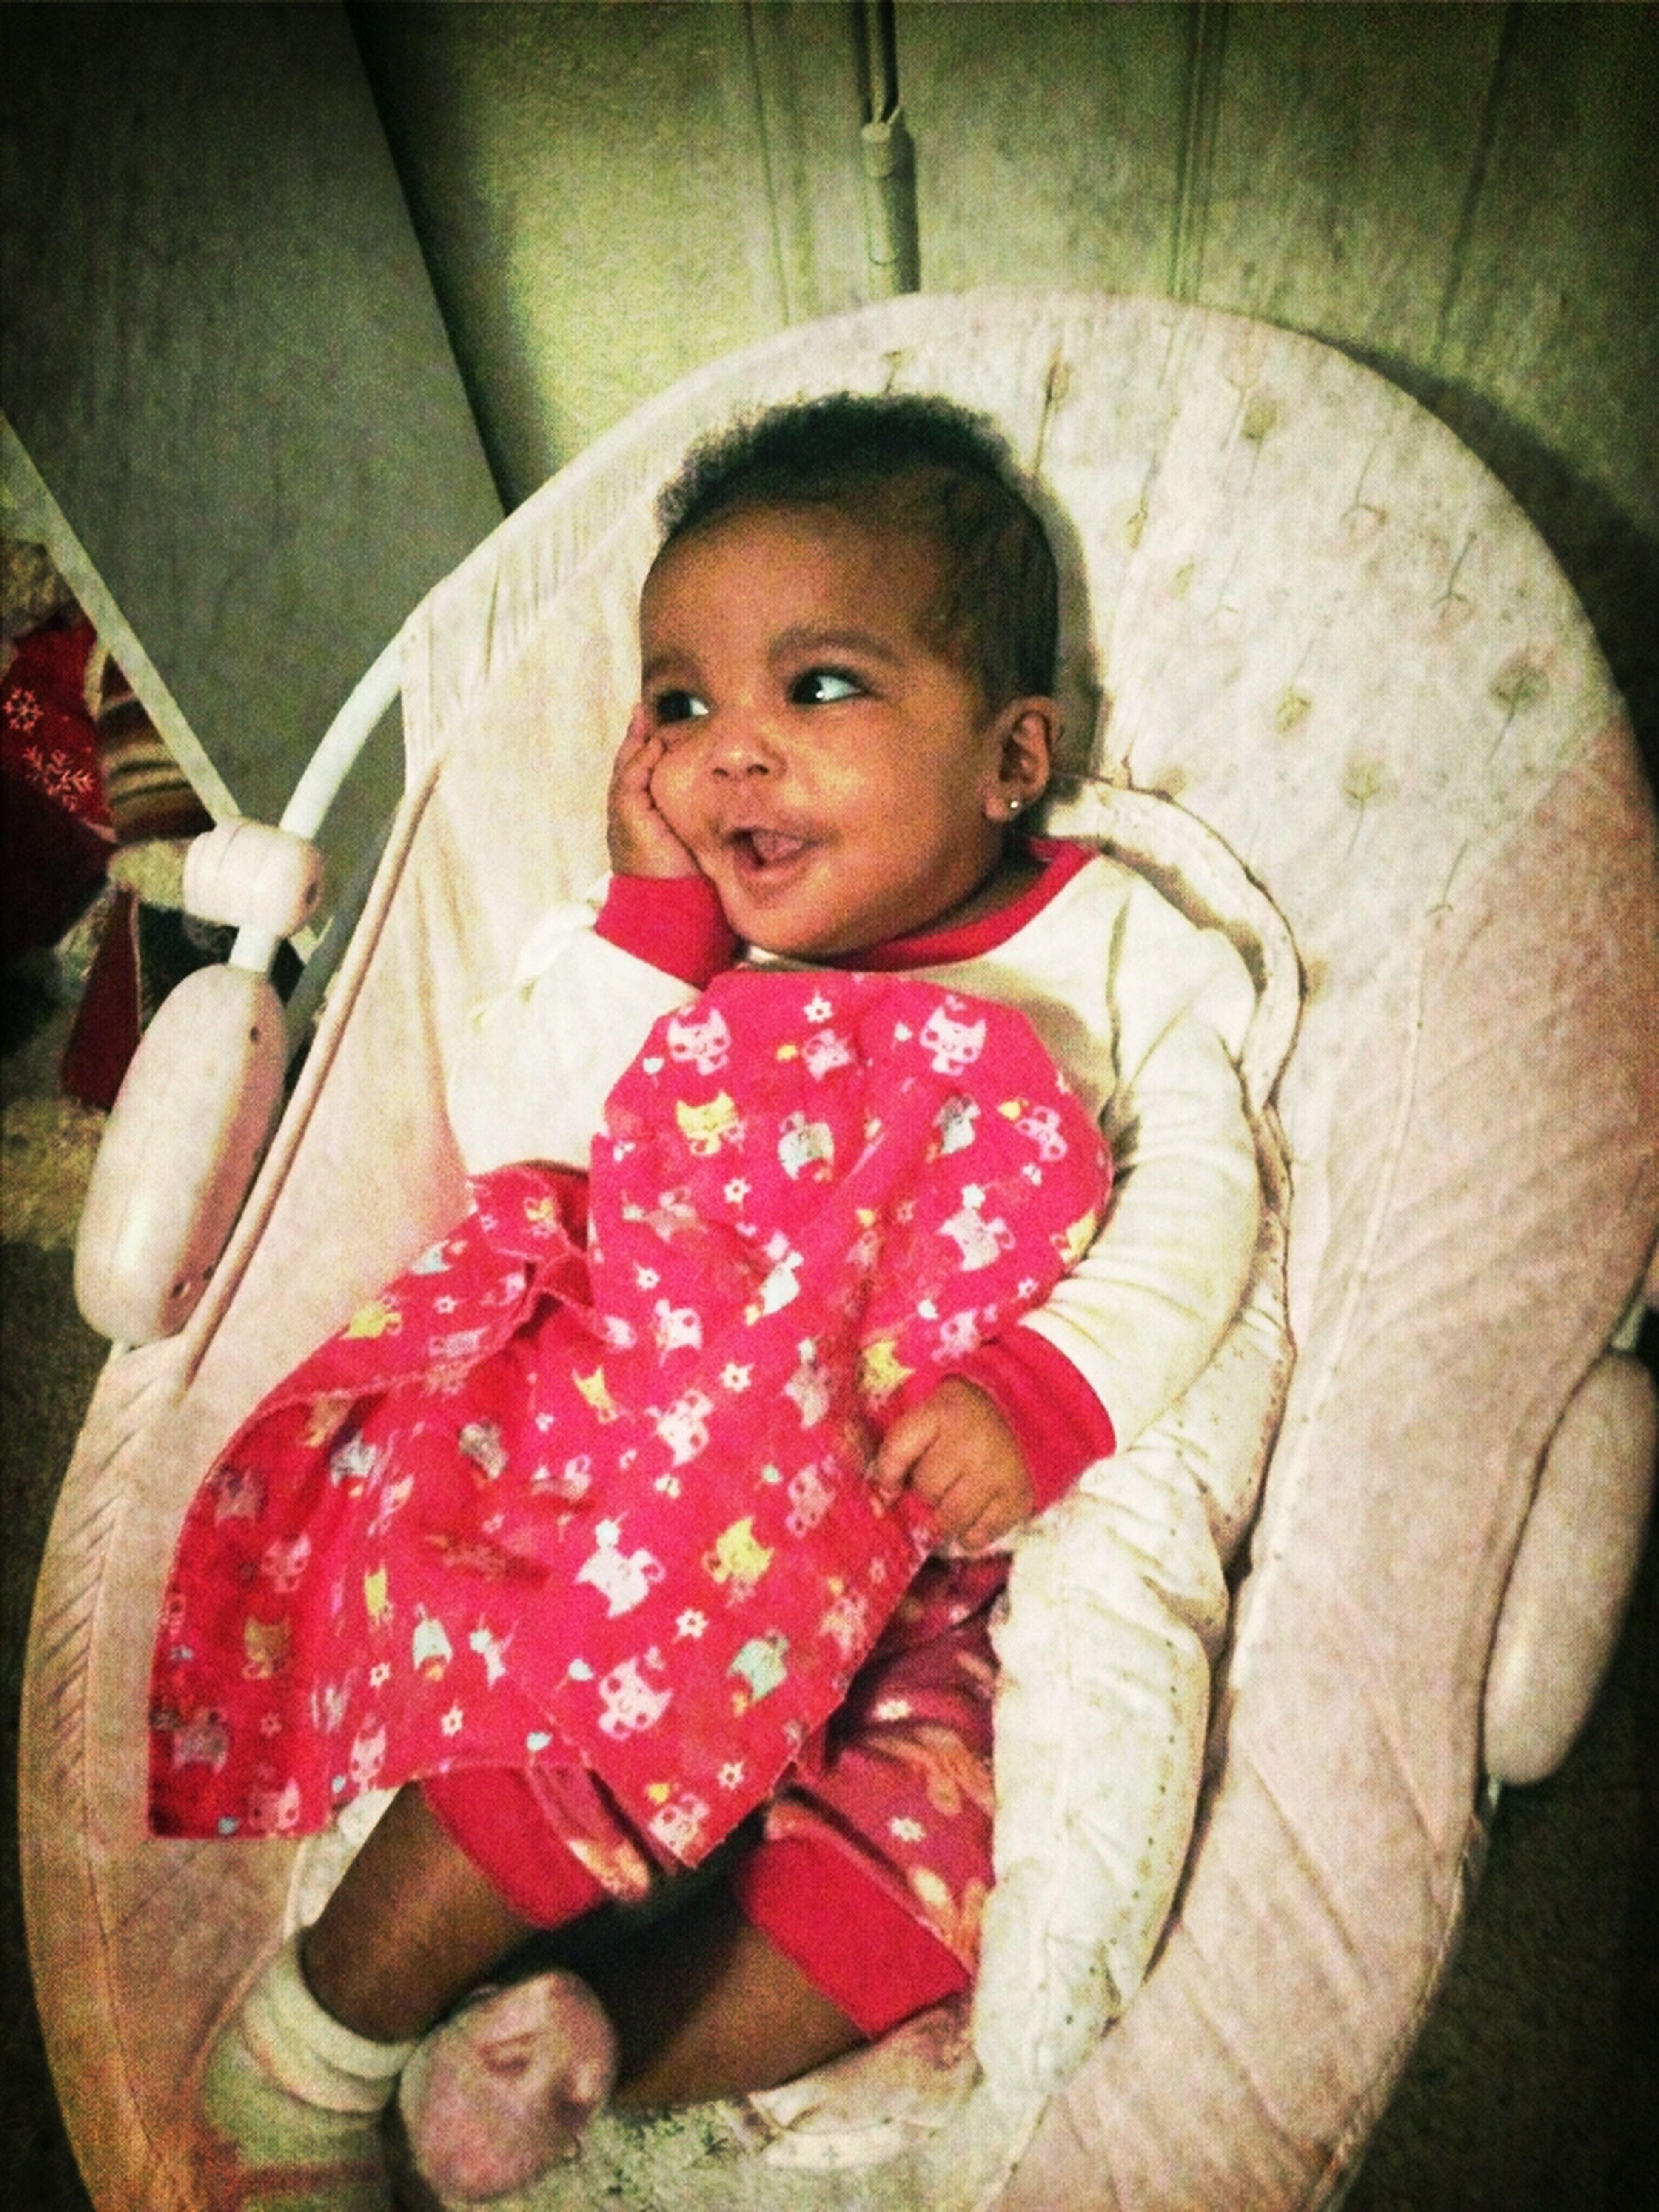 My Beautiful Lil Gurl